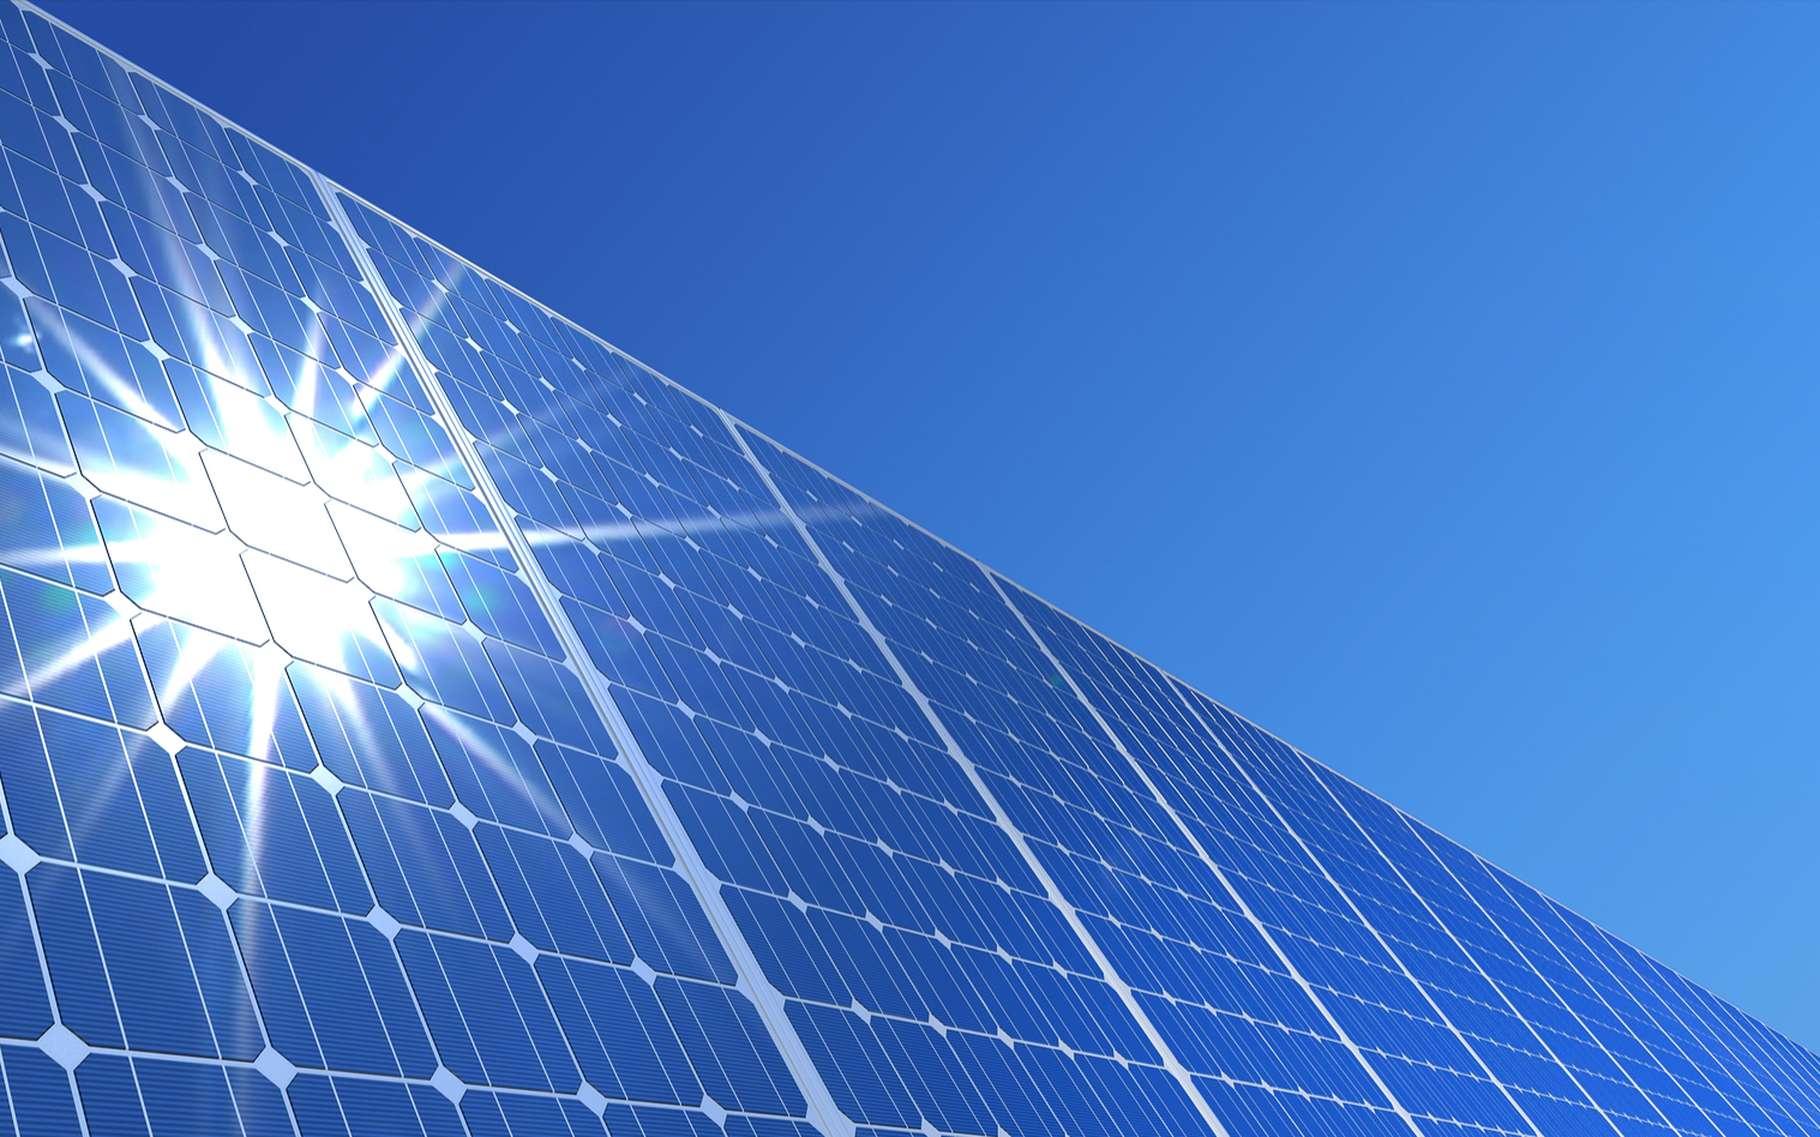 Le fonctionnement des panneaux solaires photovoltaïques repose sur l'effet photoélectrique. © koya979, Shutterstock